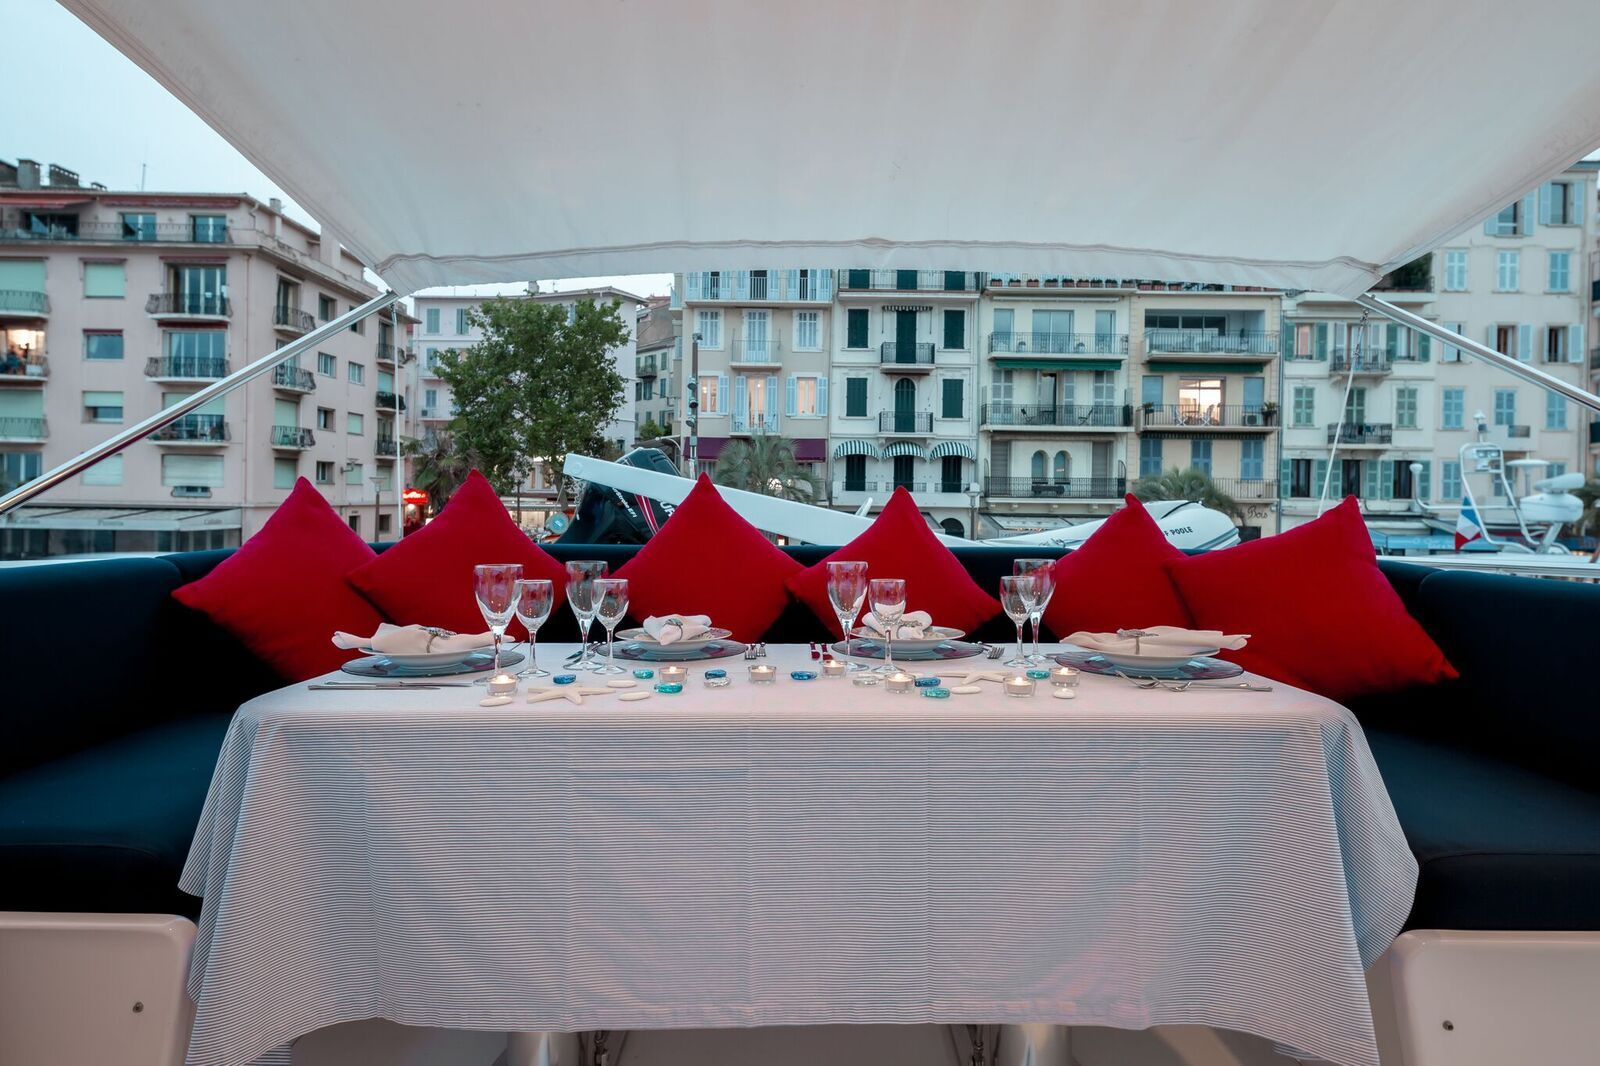 INDULGENCE OF POOLE Mangusta 86 Luxury Superyacht Flybridge